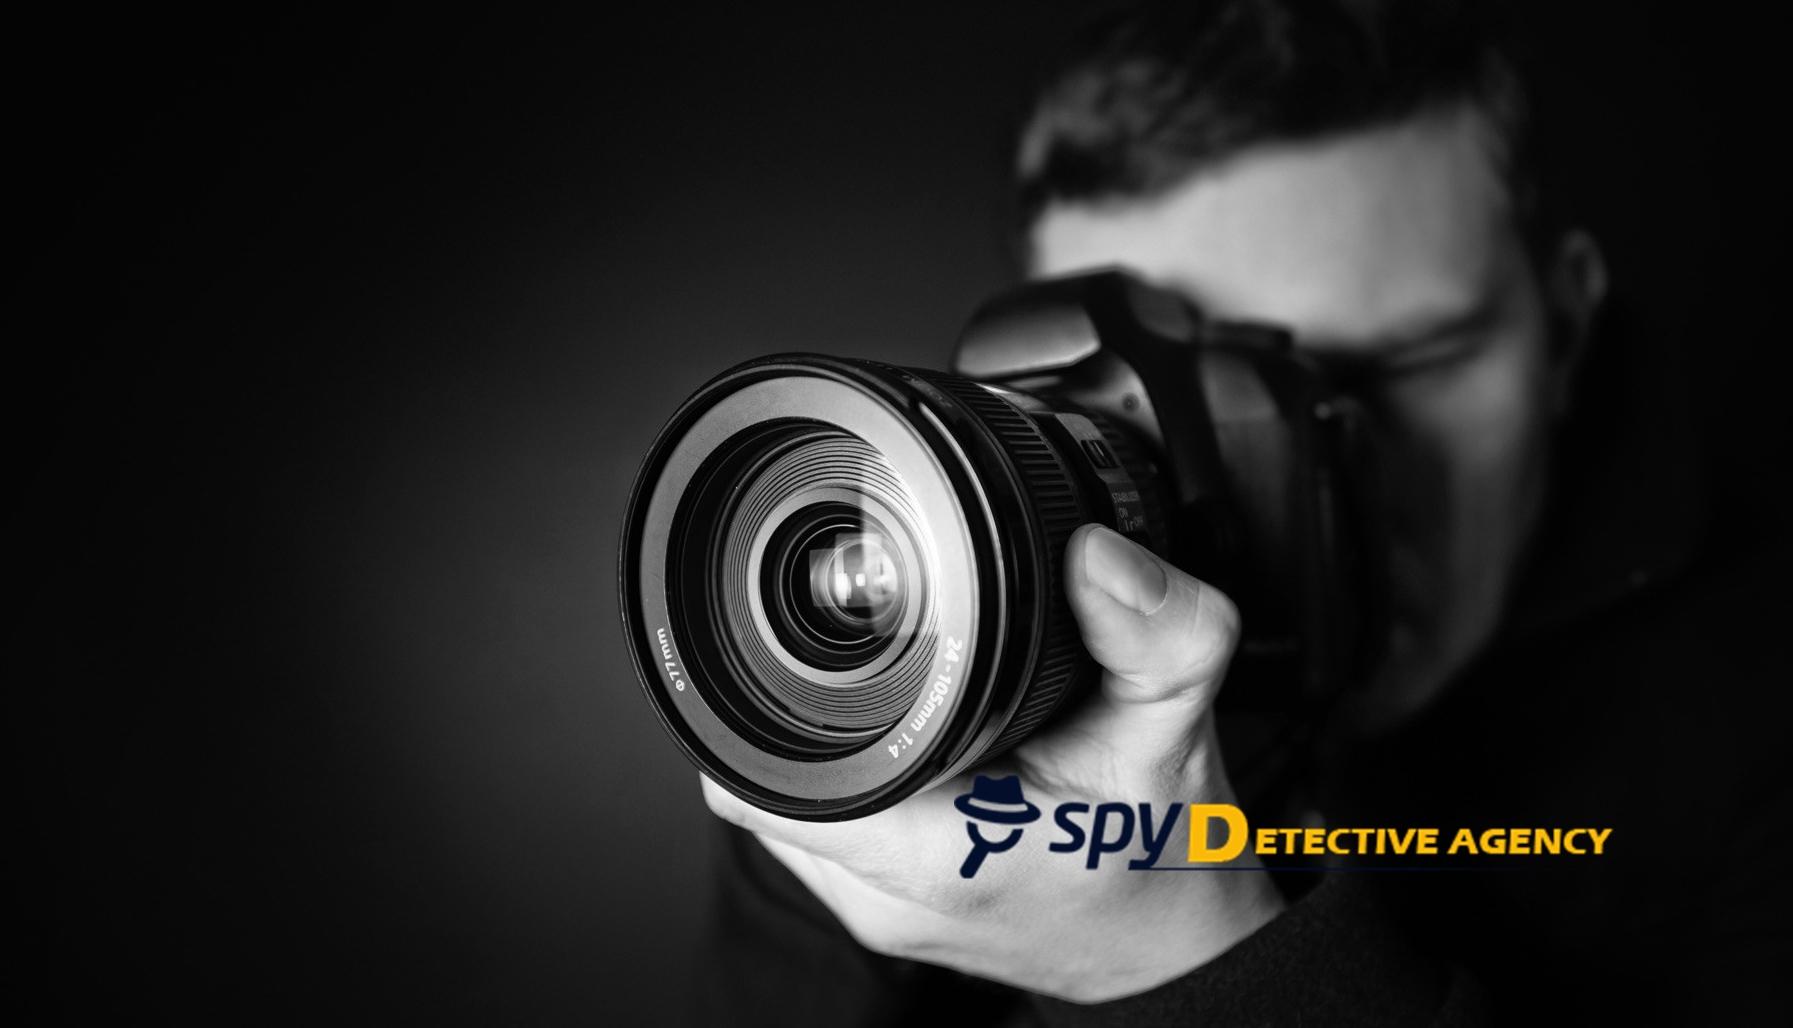 Detective Agency in Delhi-Spy Detective Agency